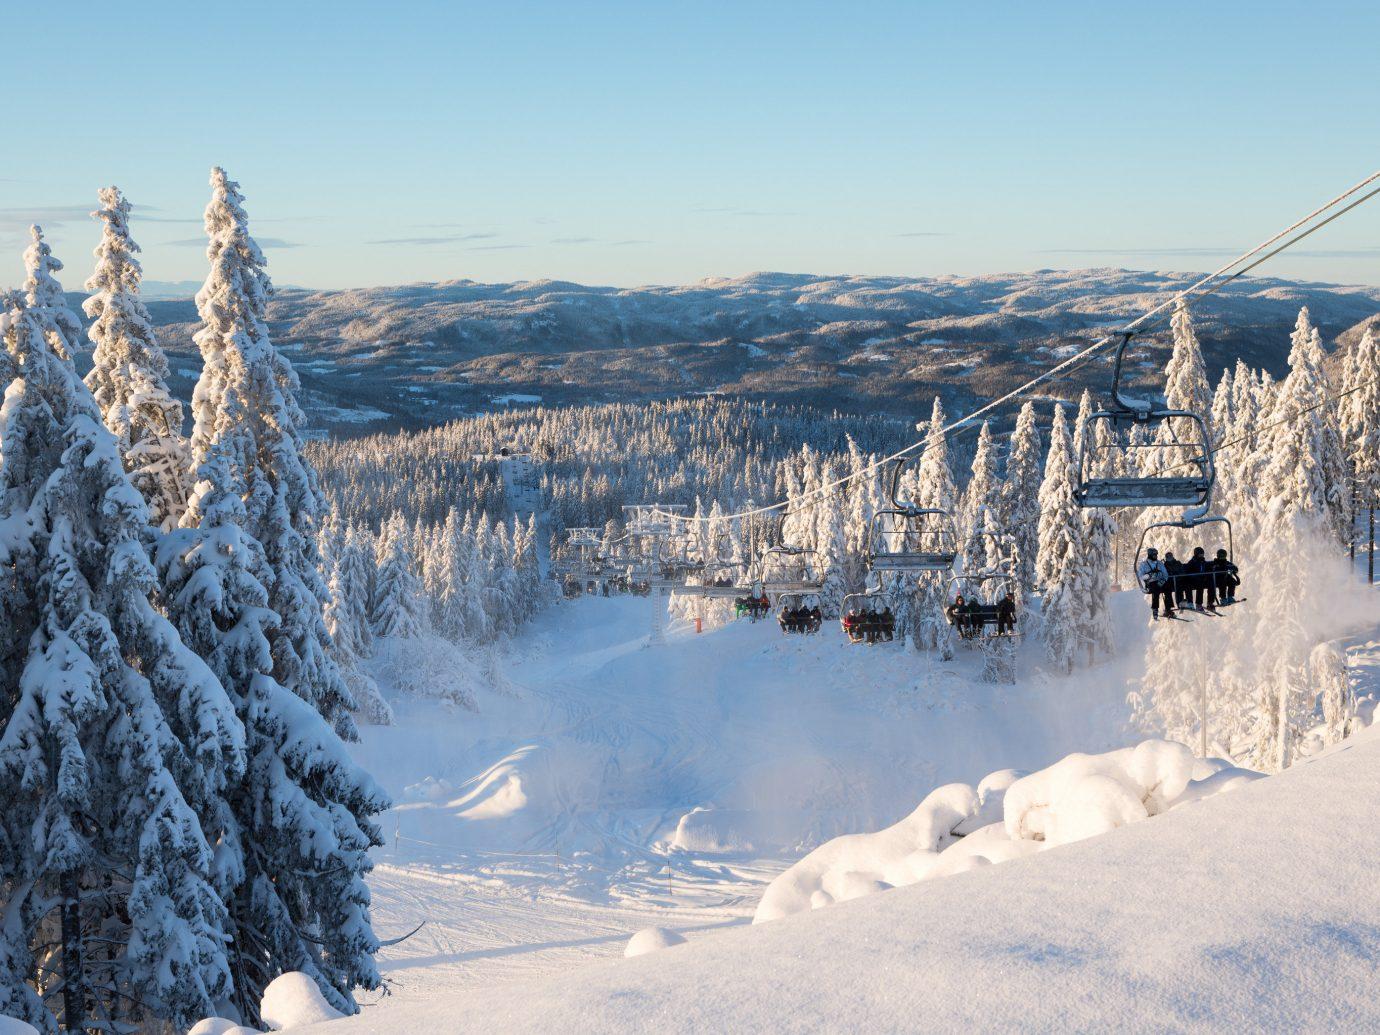 Trip Ideas outdoor snow sky Nature Winter mountainous landforms weather mountain range mountain season geological phenomenon covered slope freezing piste alps ice winter sport